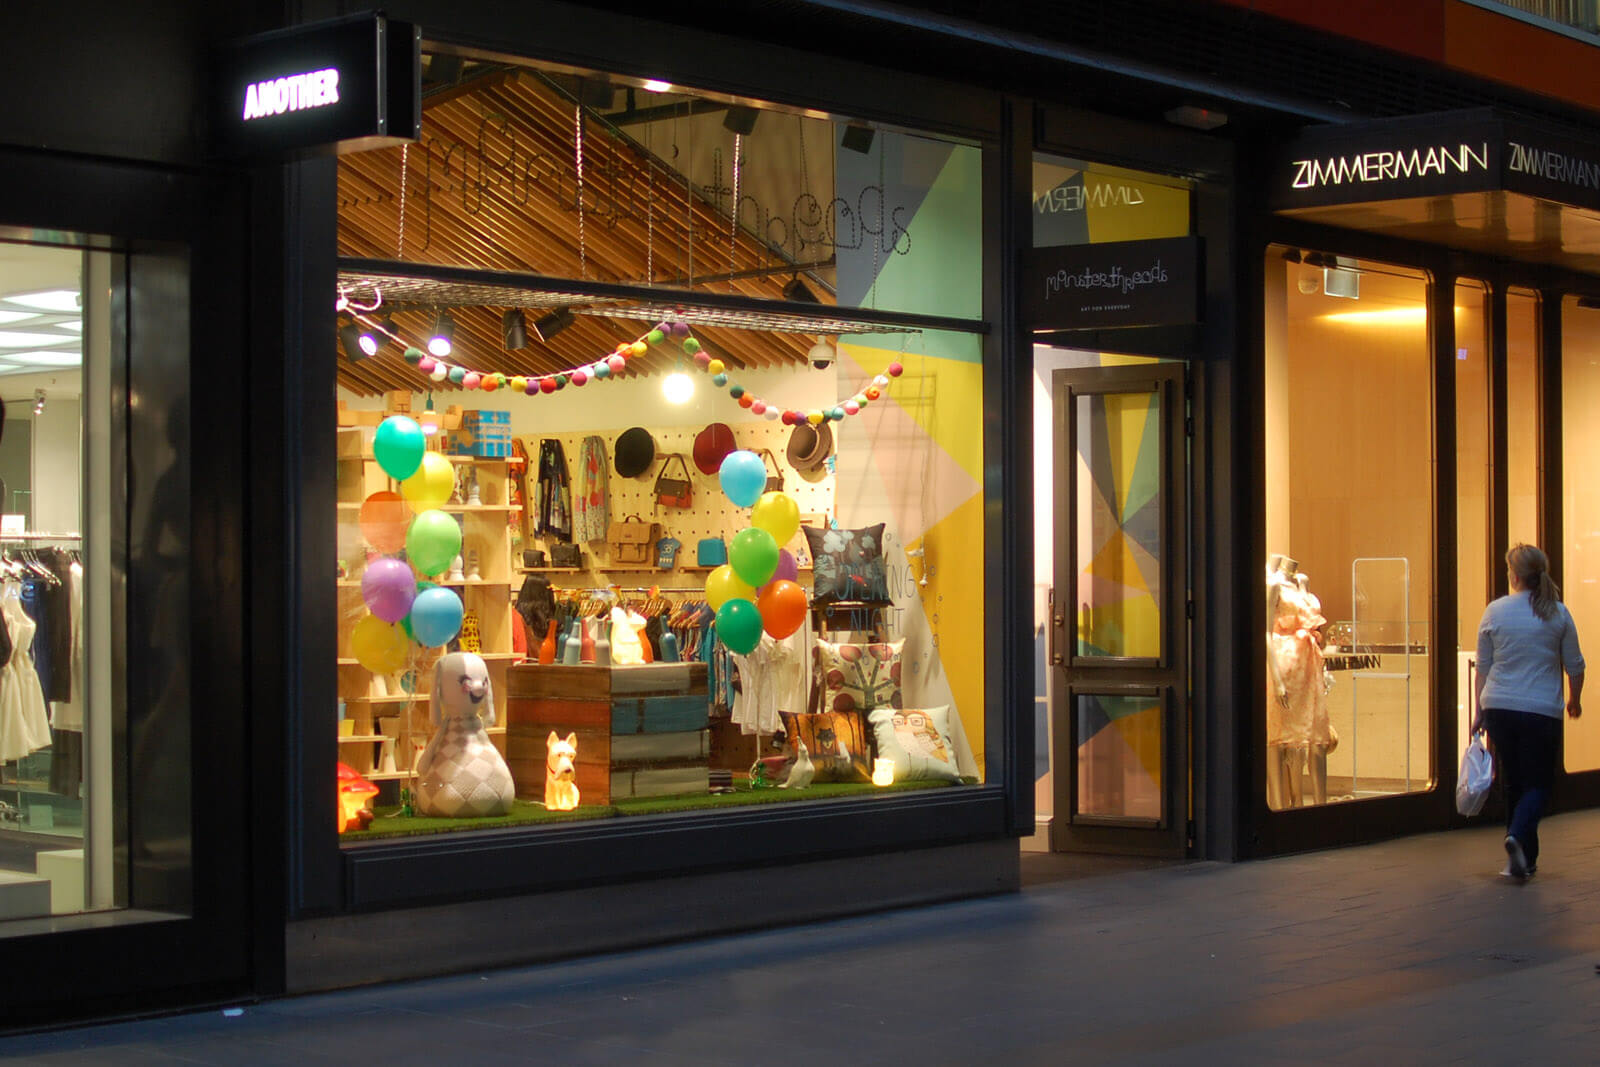 monsterthreads qv store mural, melbourne